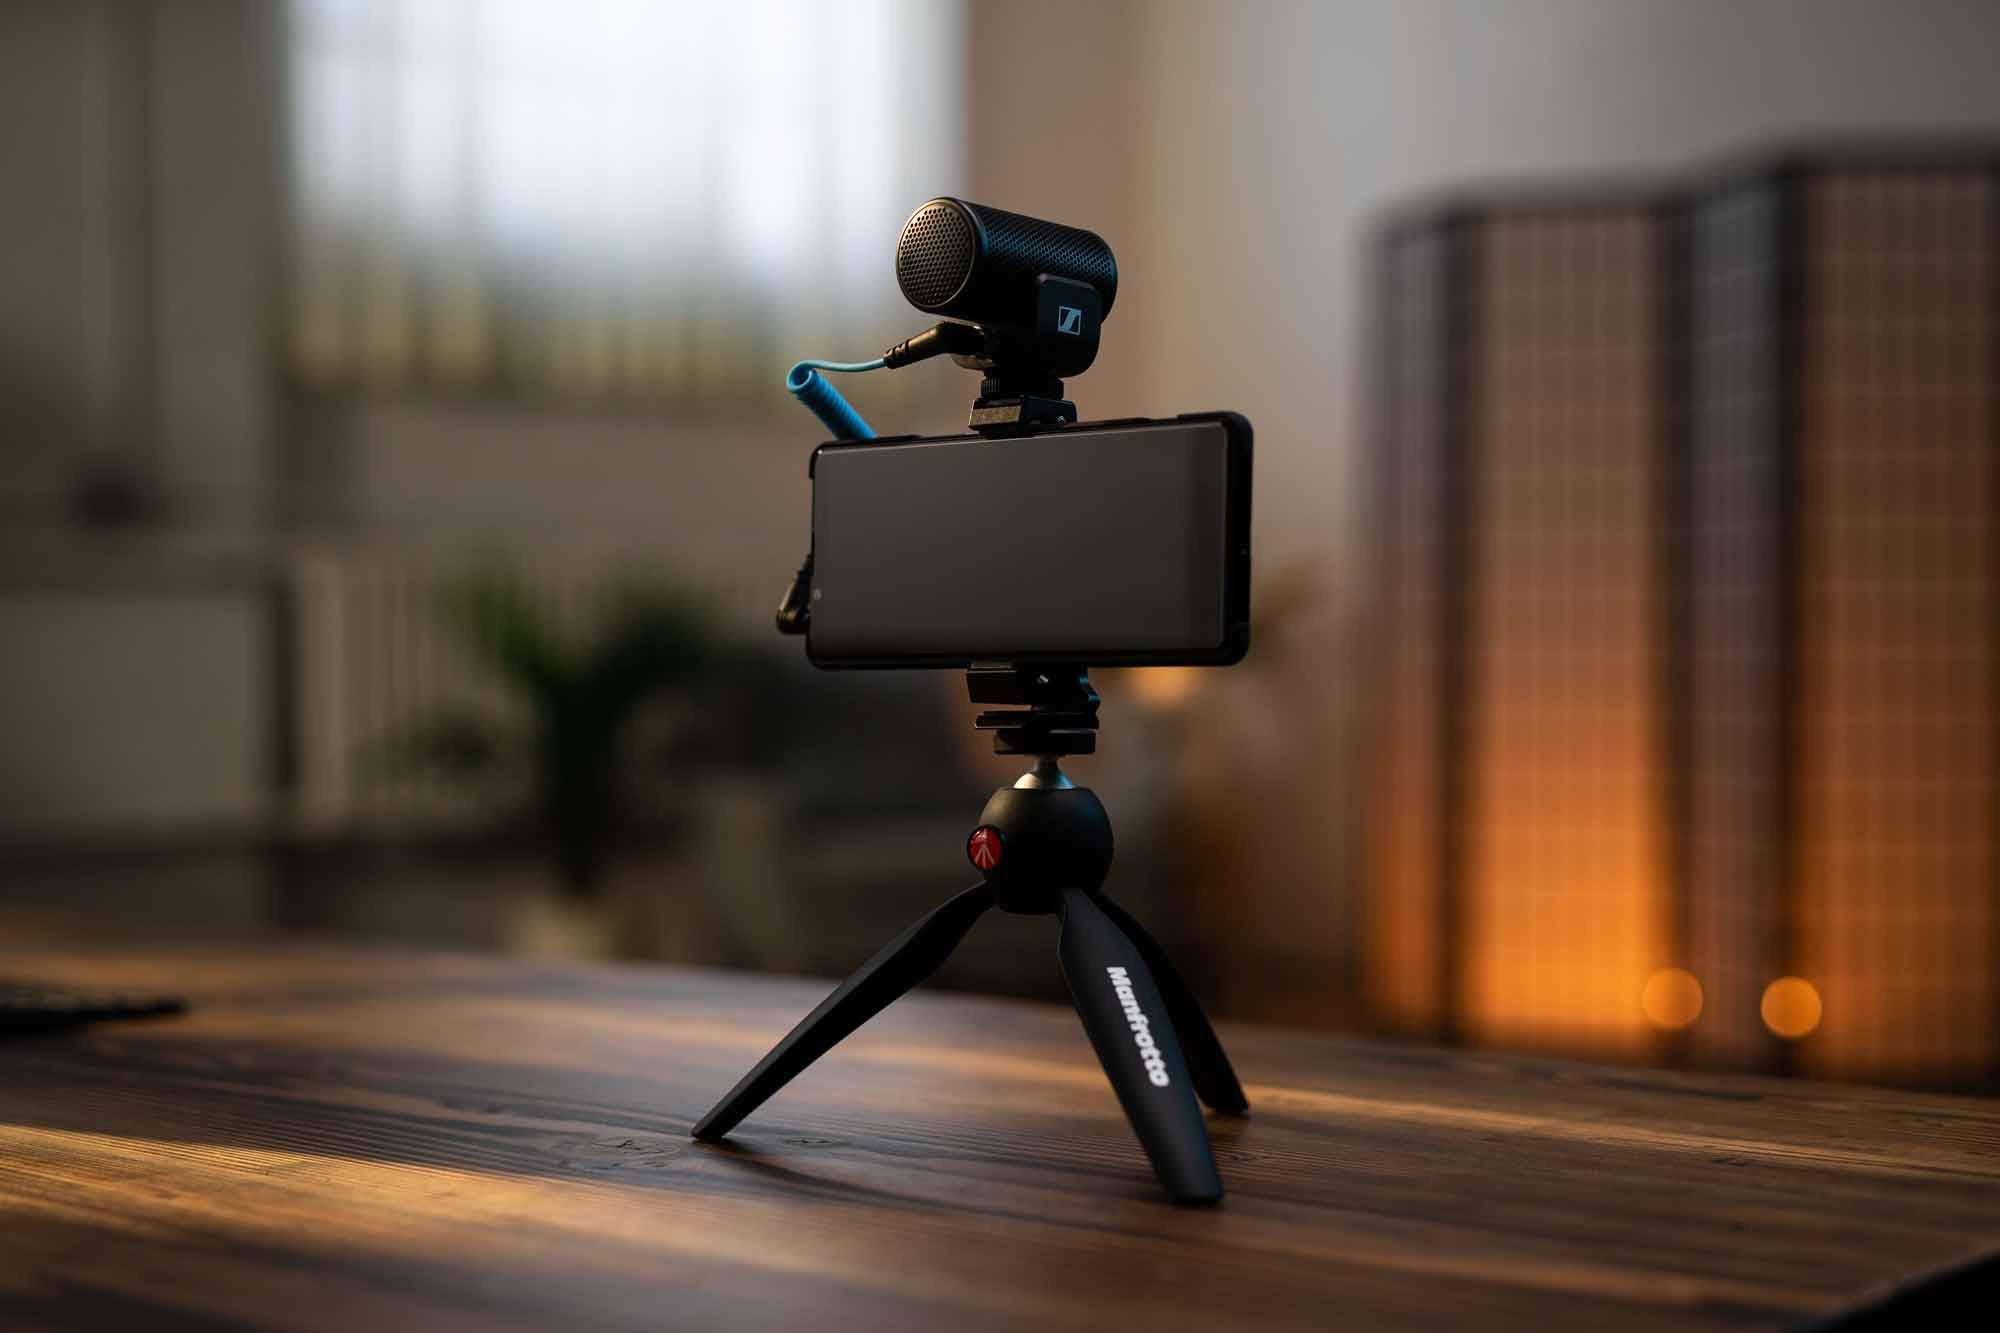 スマートフォン用のマイクにクランプと三脚のセット ゼンハイザー【Mobile Kitシリーズ】